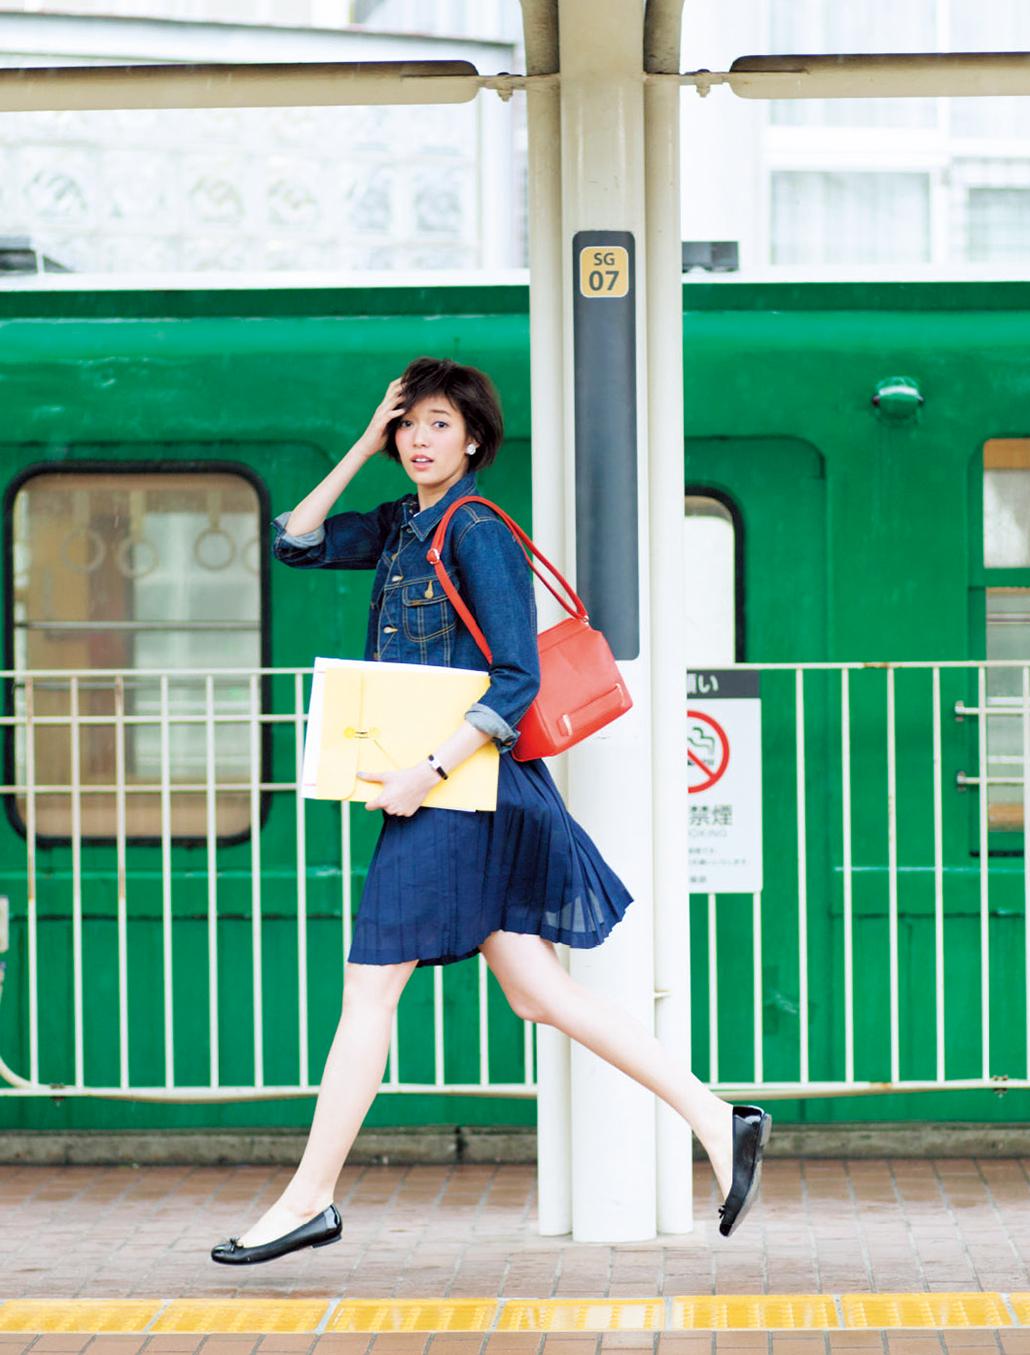 【今日のコーデ】プリーツスカート&バレエフラットで外回りコーデの女っぷりを上げる♡_1